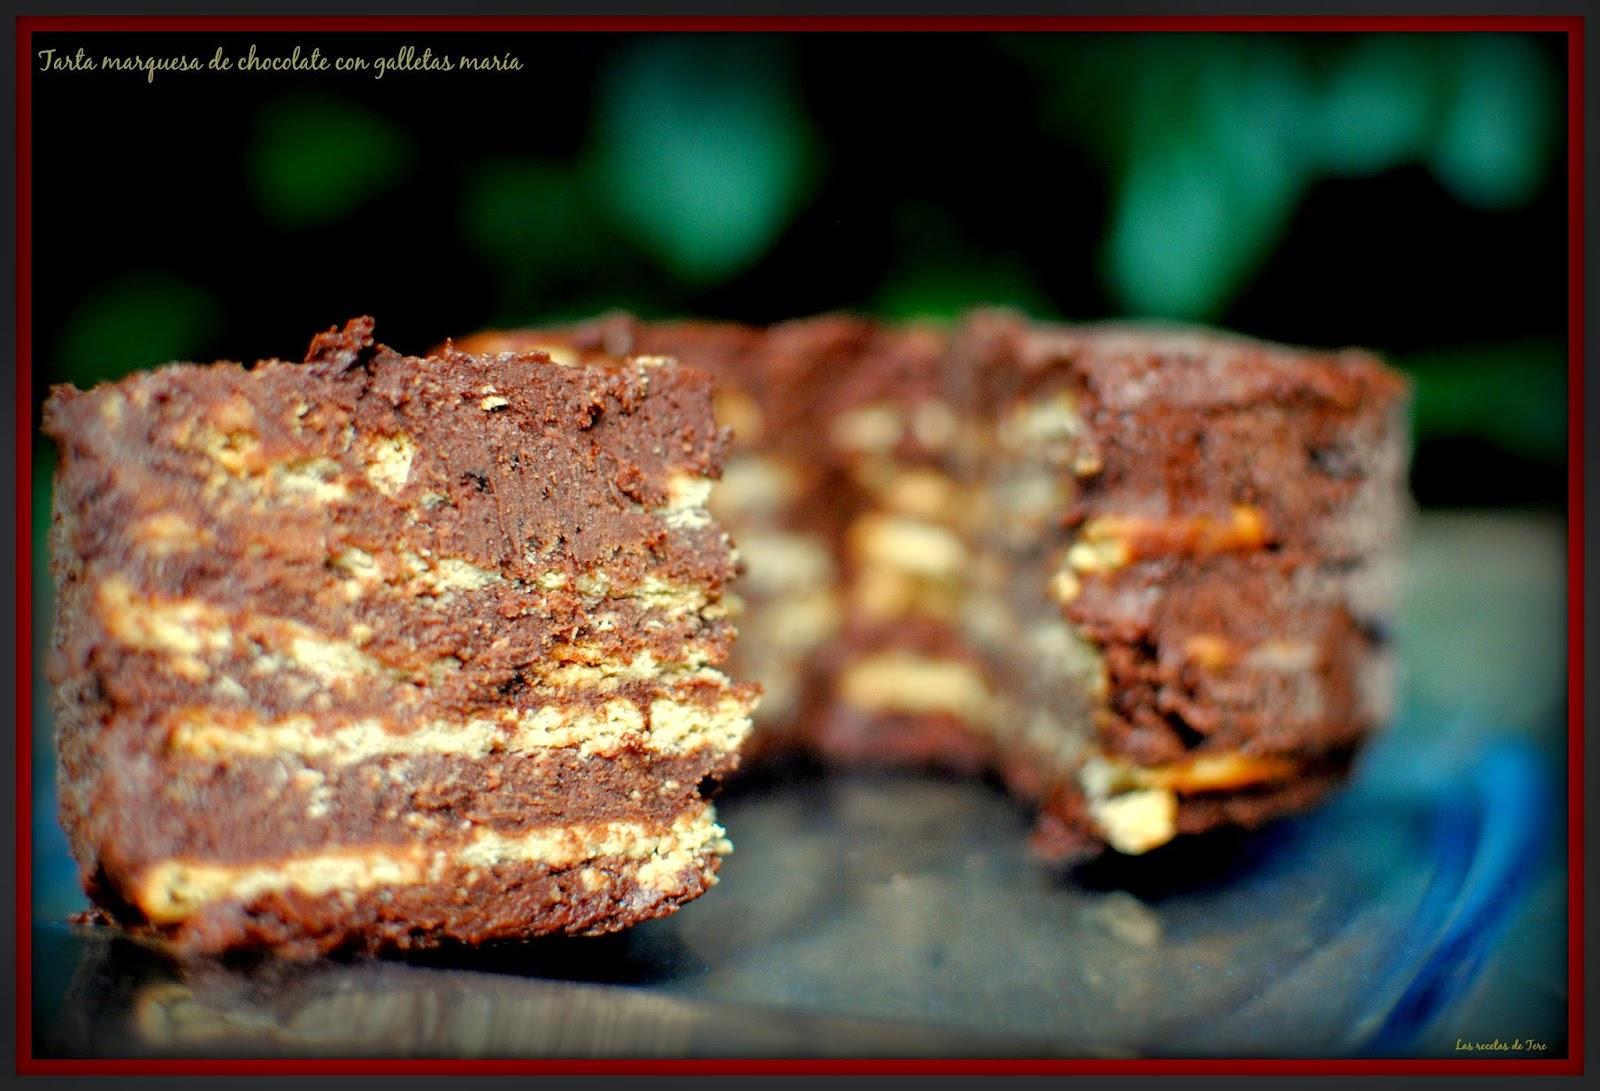 tarta marquesa de chocolate con galletas maría tererecetas 06